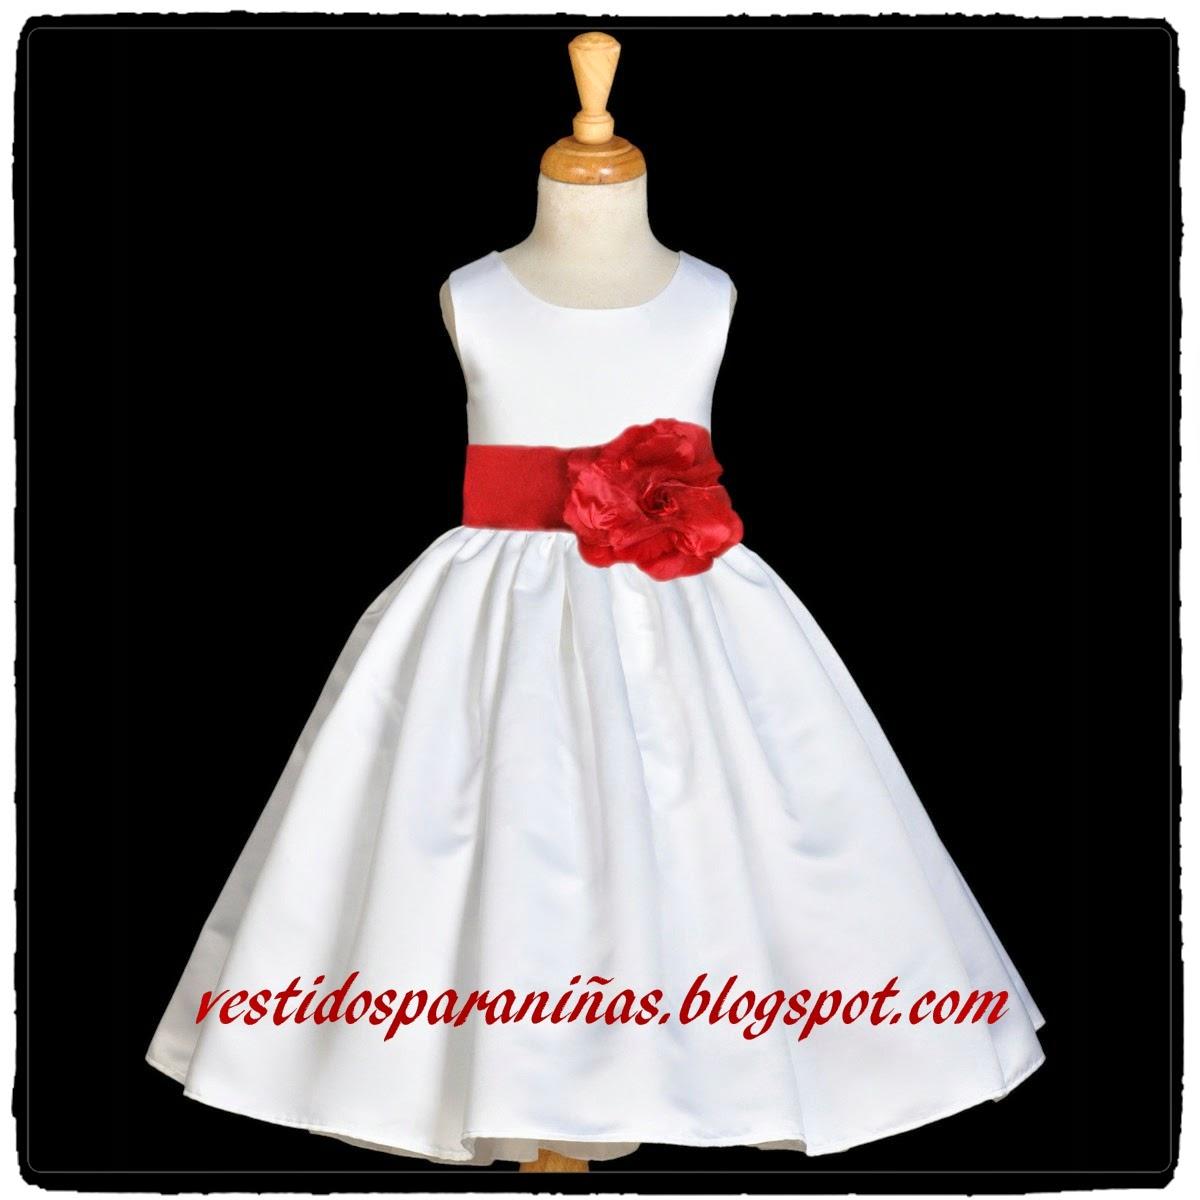 vestidos dulces y elegantes para niños